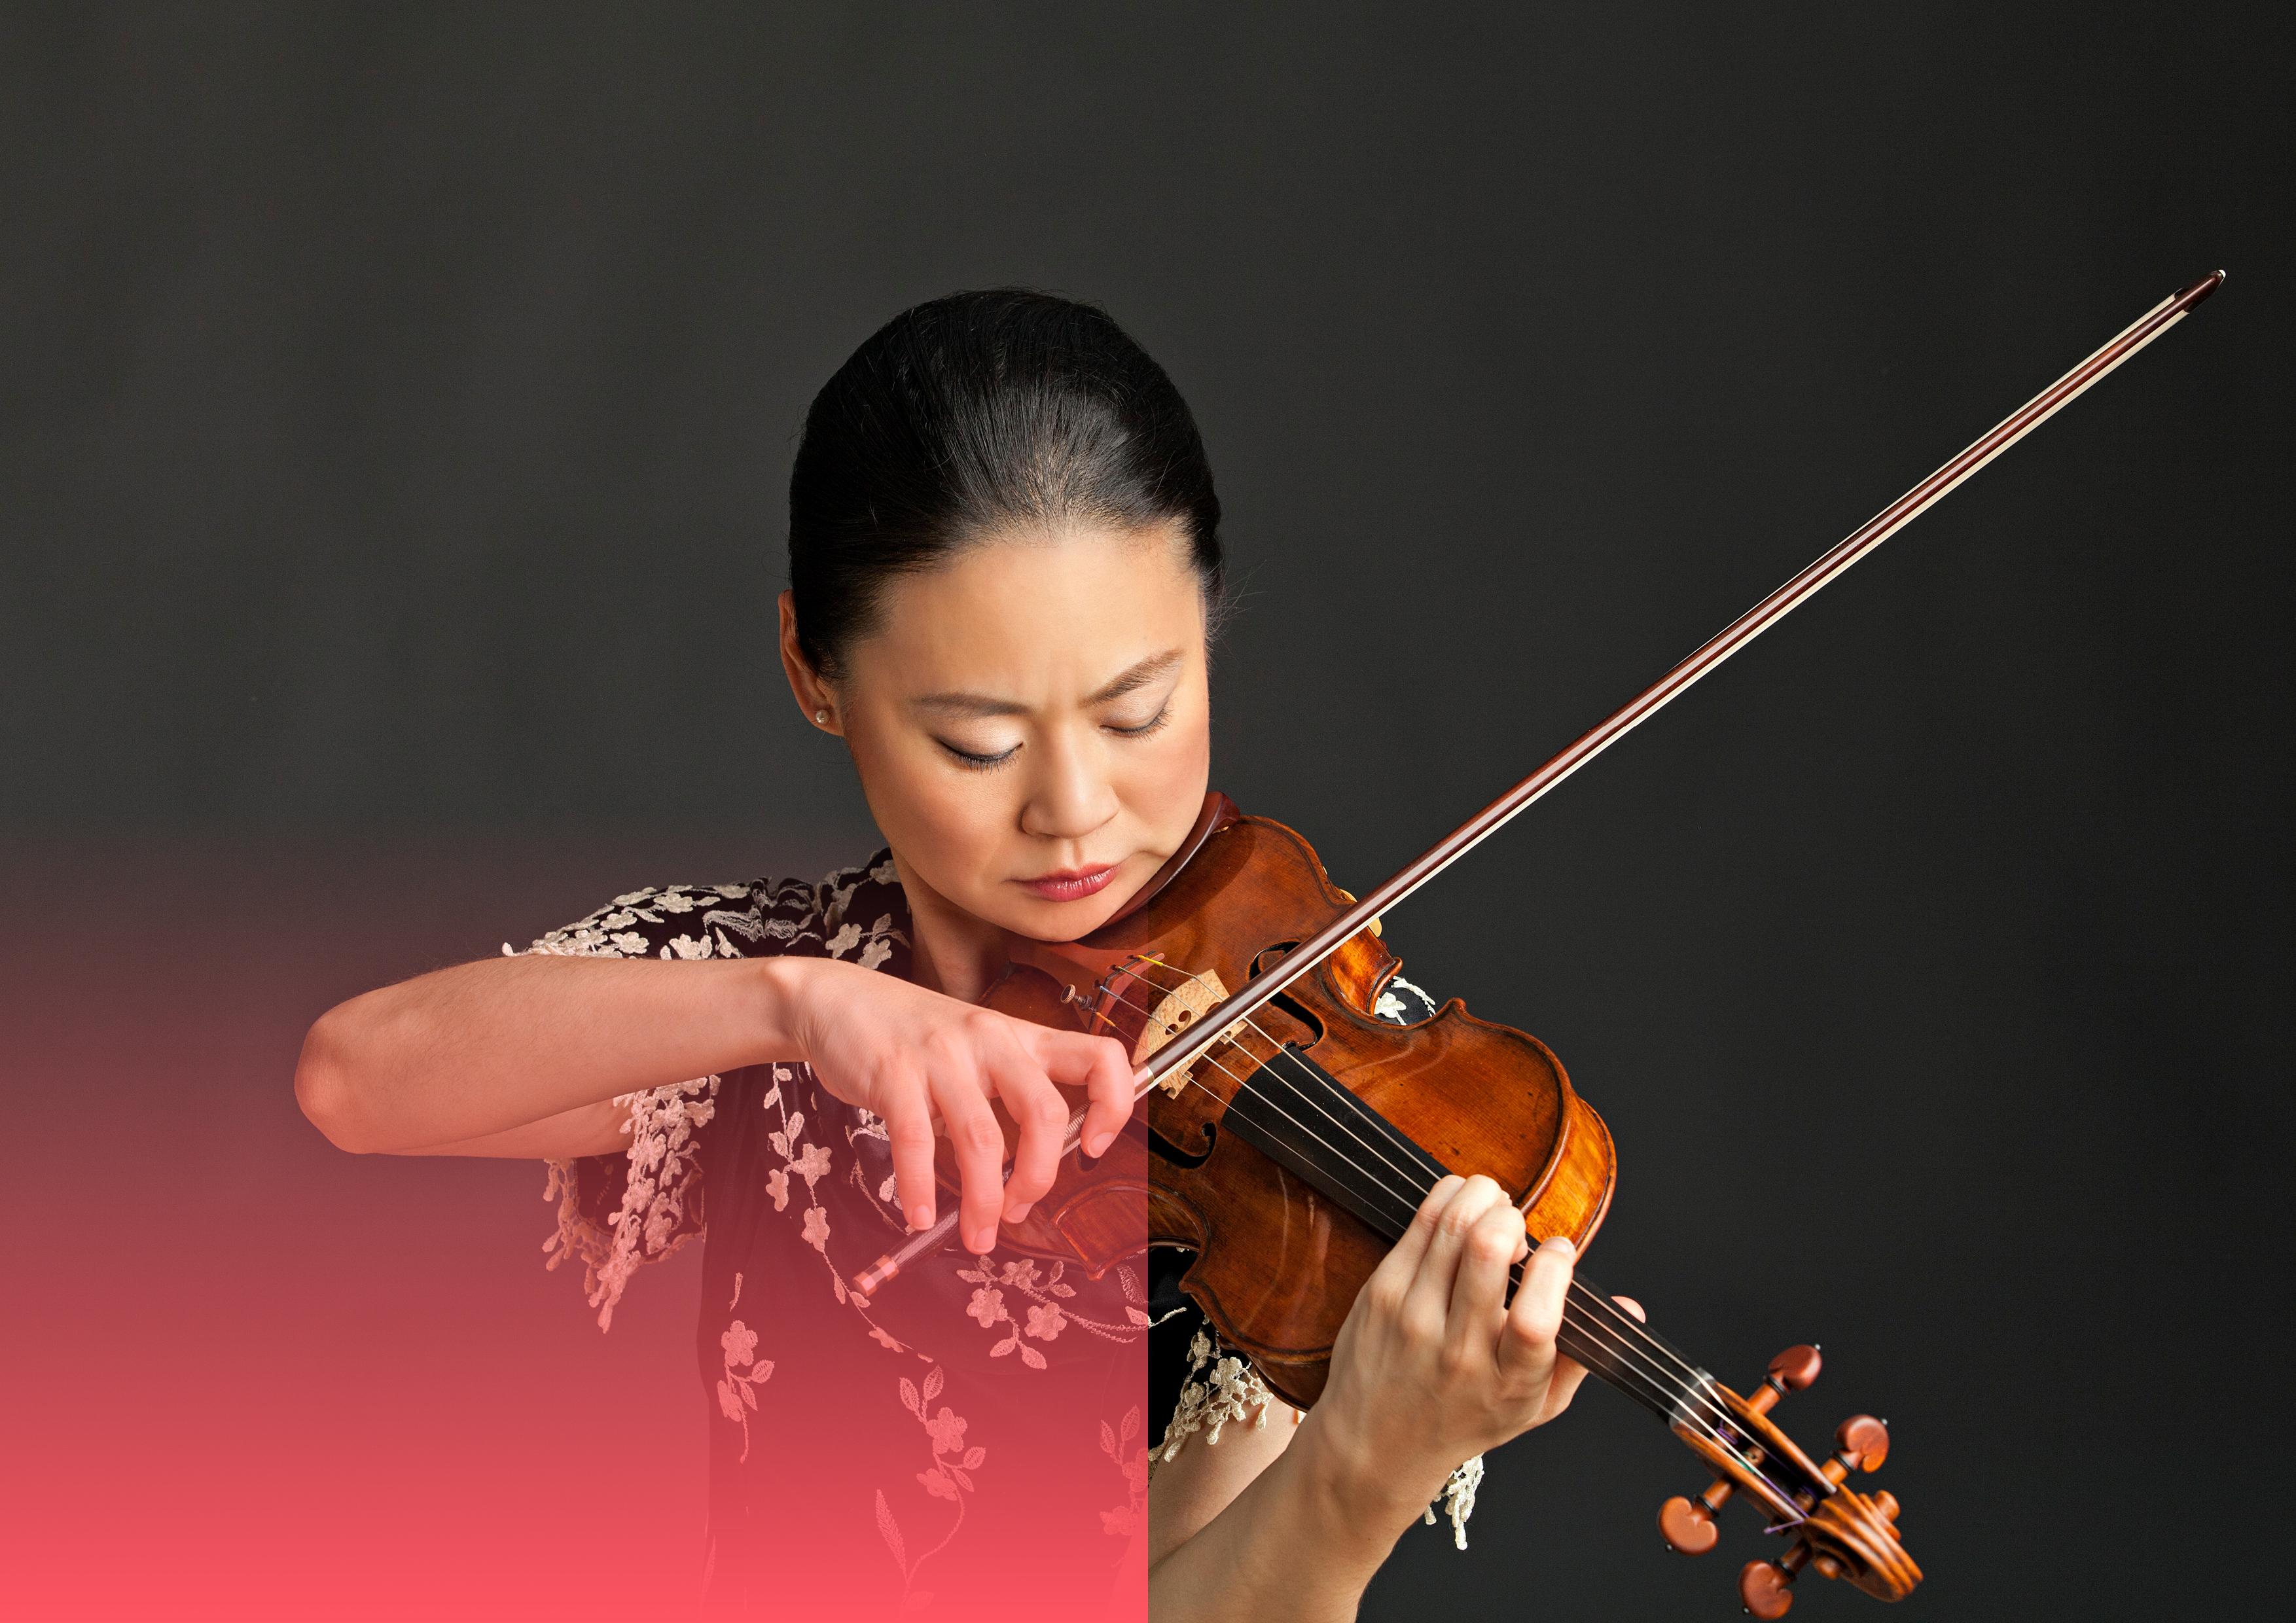 Donateursconcert Brahms